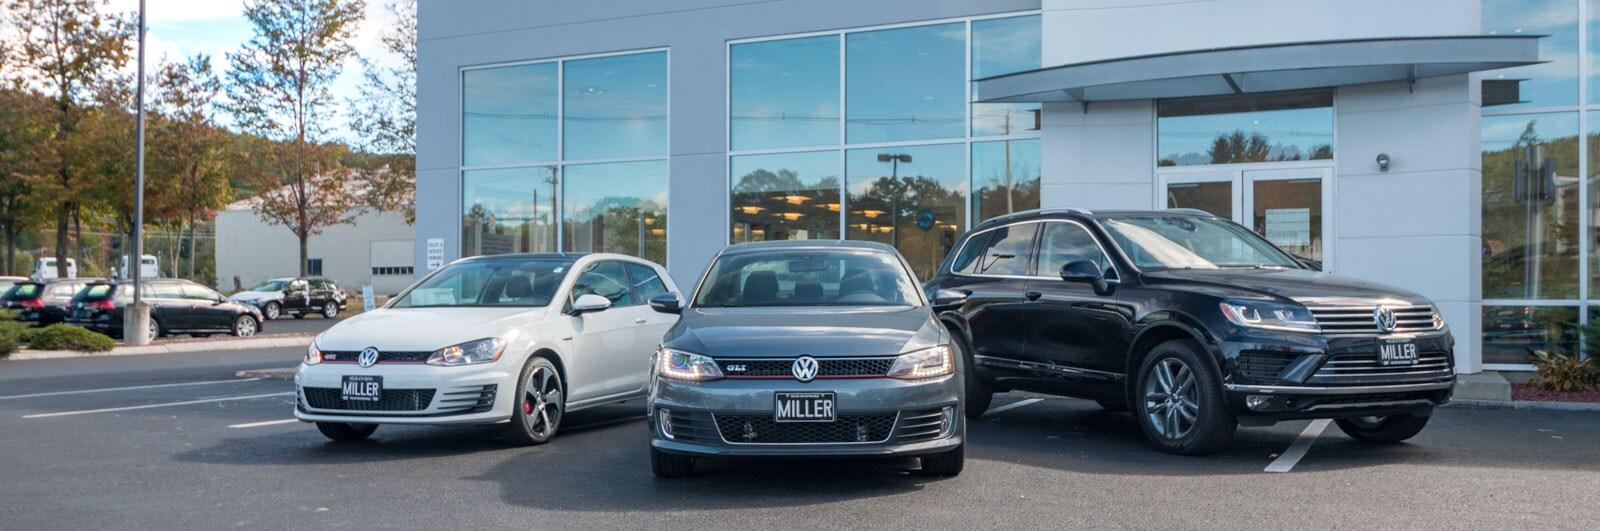 Miller Volkswagen Volkswagen Dealership In Lebanon Nh